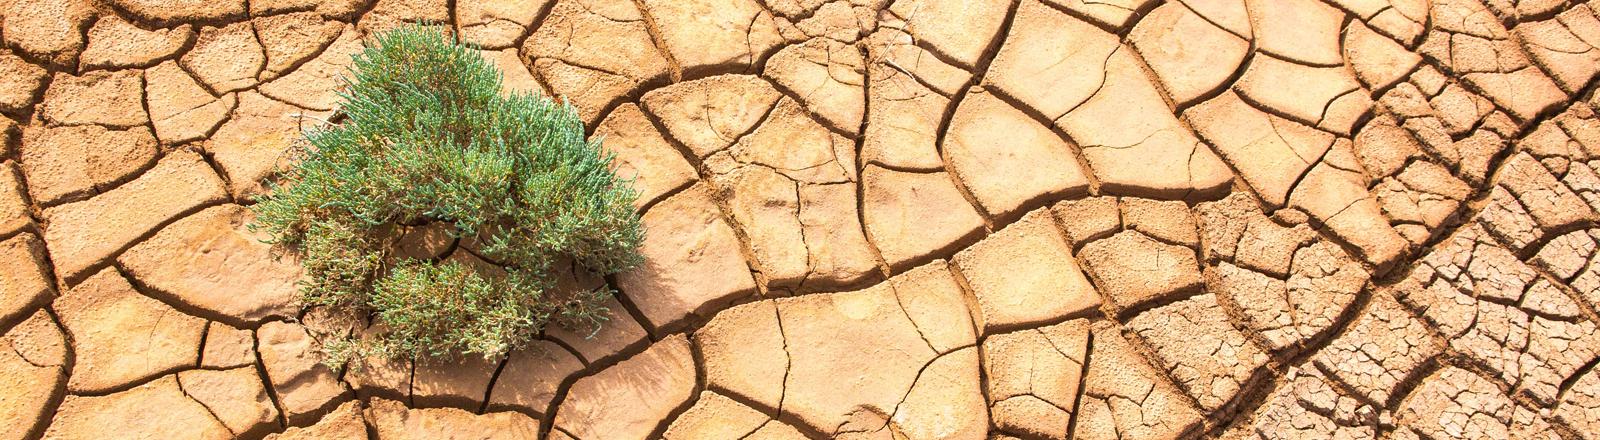 Ausgetrockneter Boden in Westaustralien